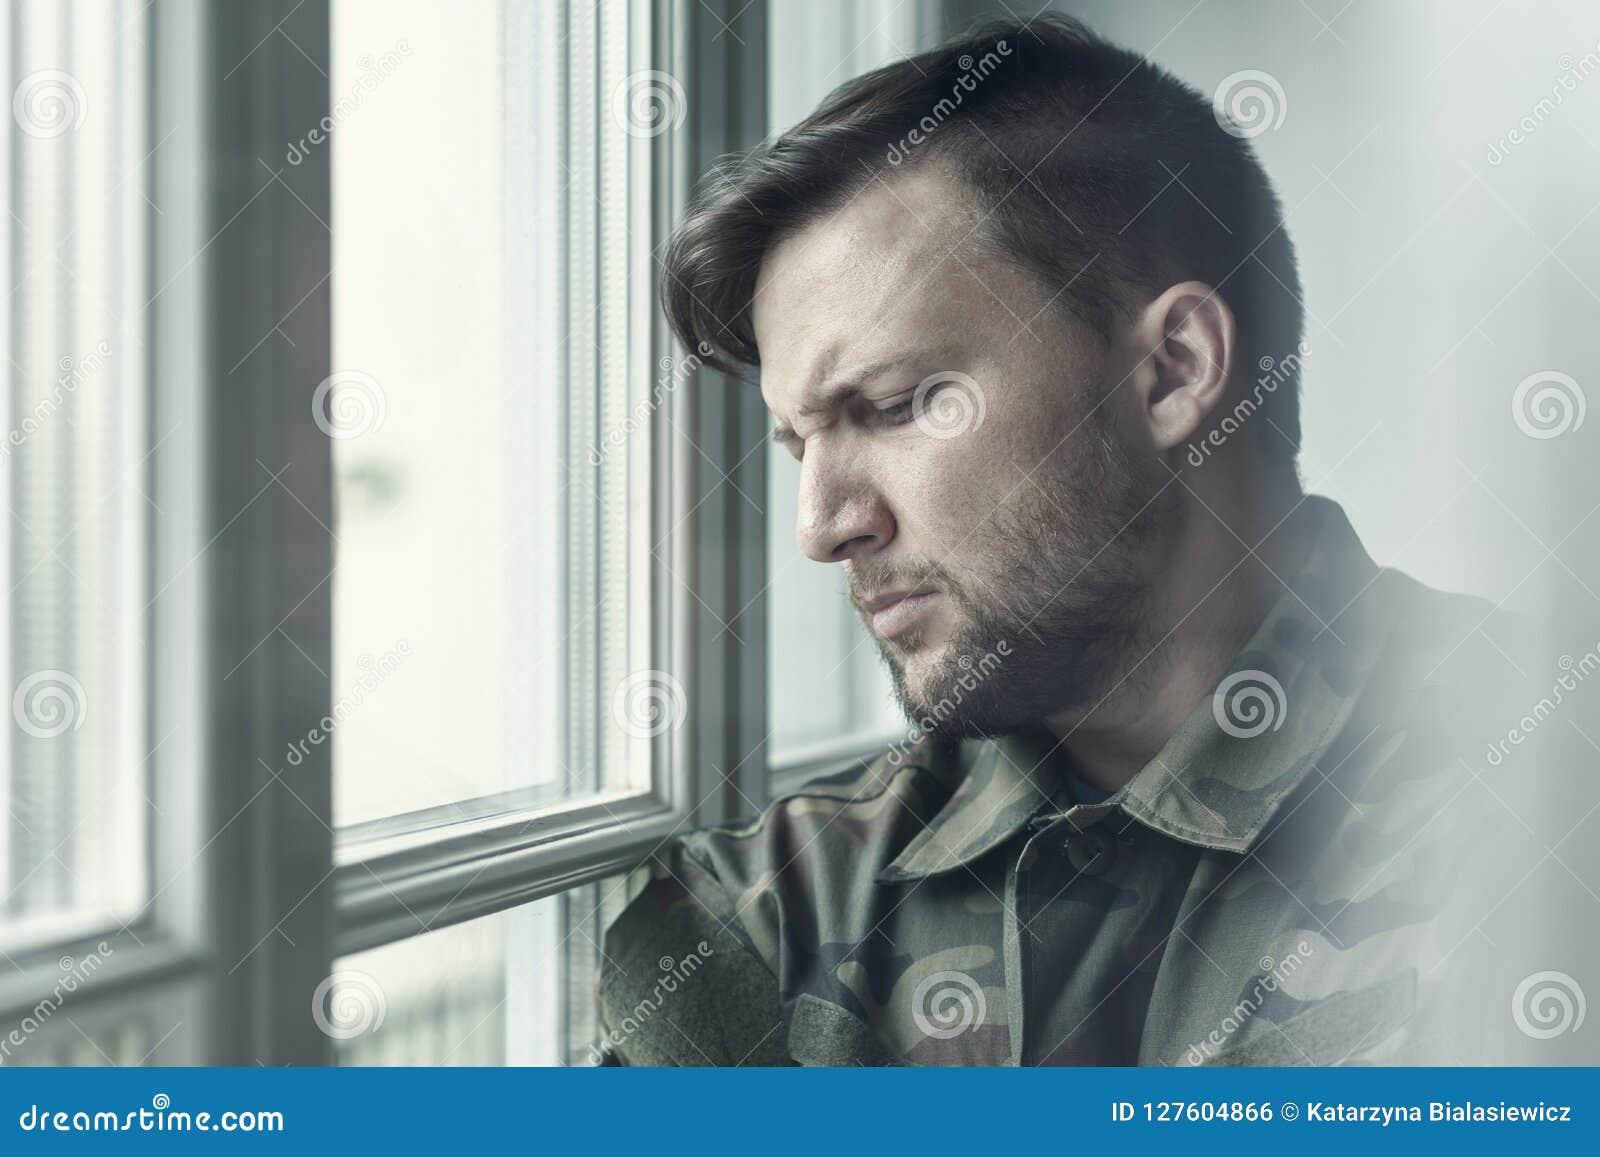 Droevige en eenzame militair in depressie na oorlog met emotioneel probleem